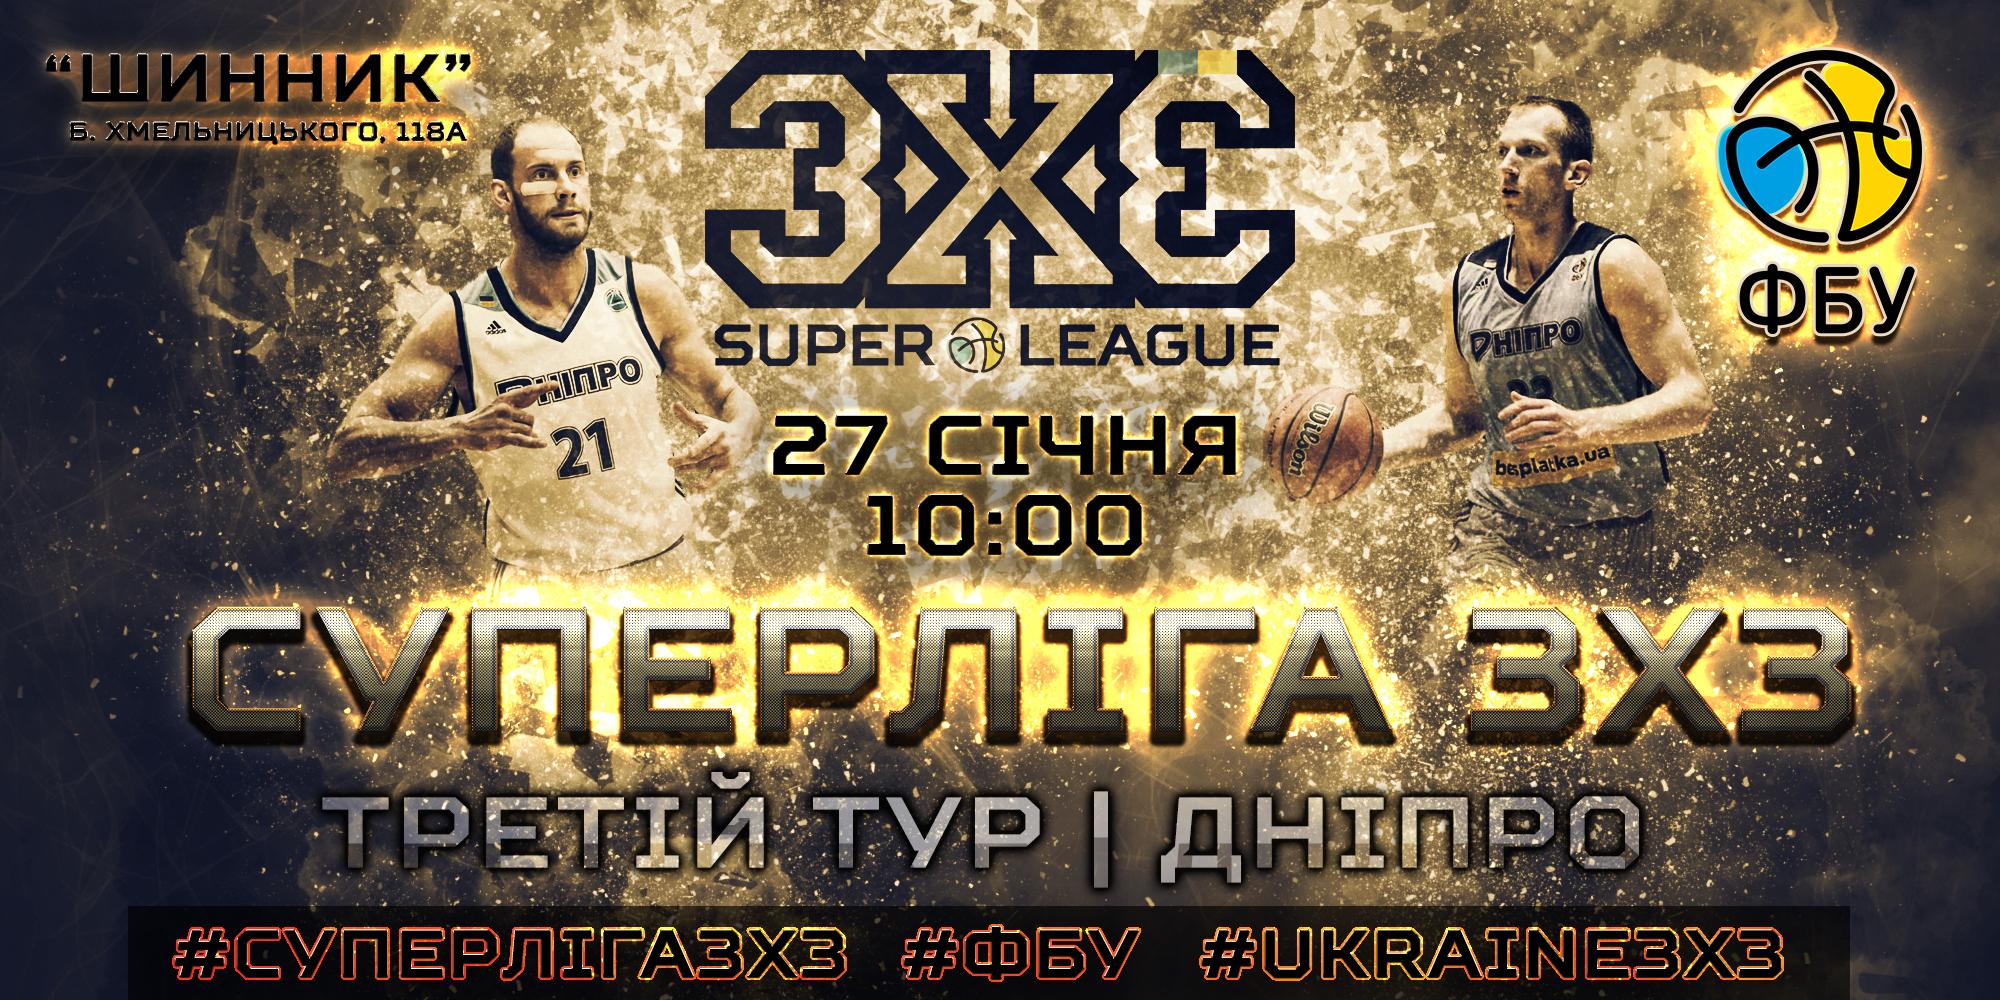 27 січня Дніпро прийматиме третій тур Суперліги 3х3